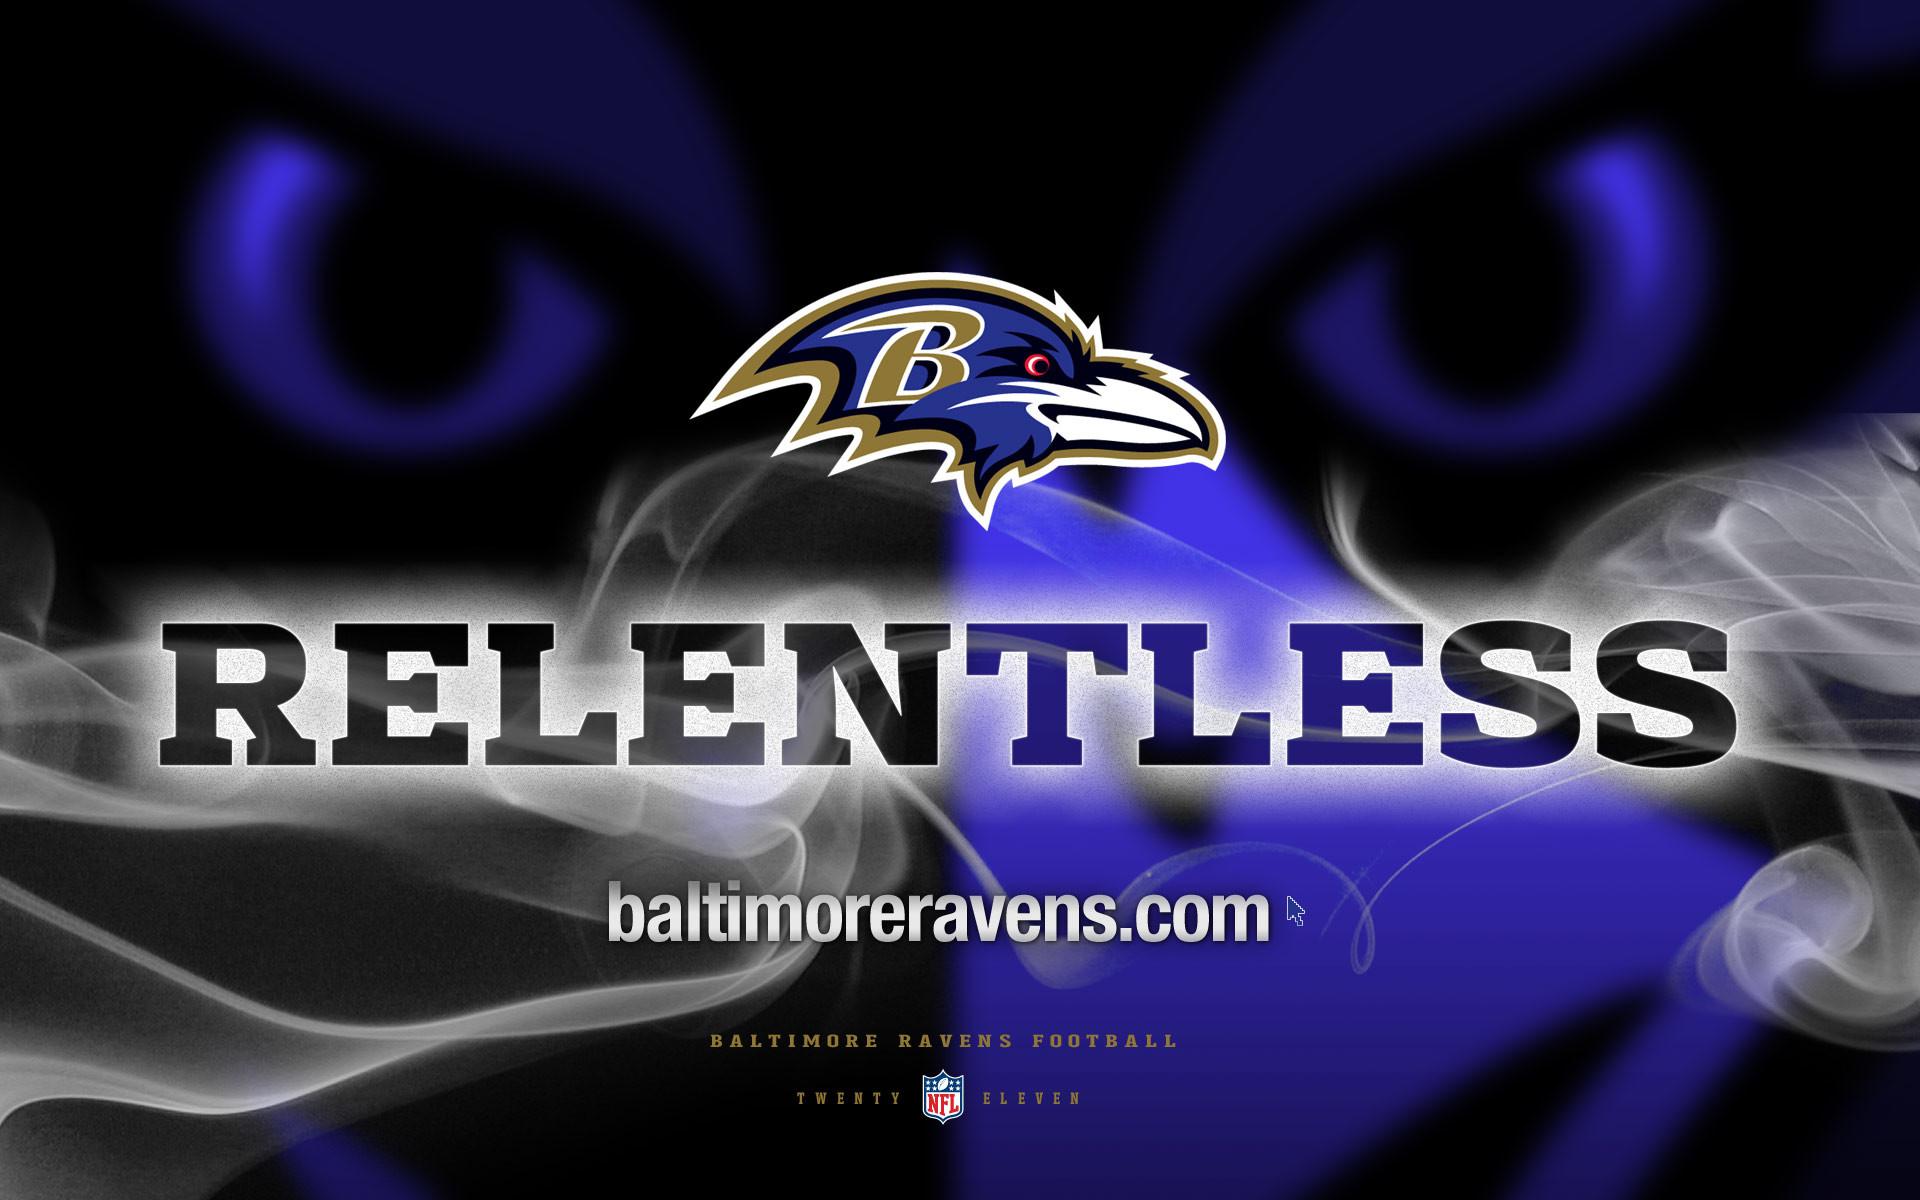 Free Baltimore Ravens wallpaper desktop wallpaper | Baltimore Ravens .